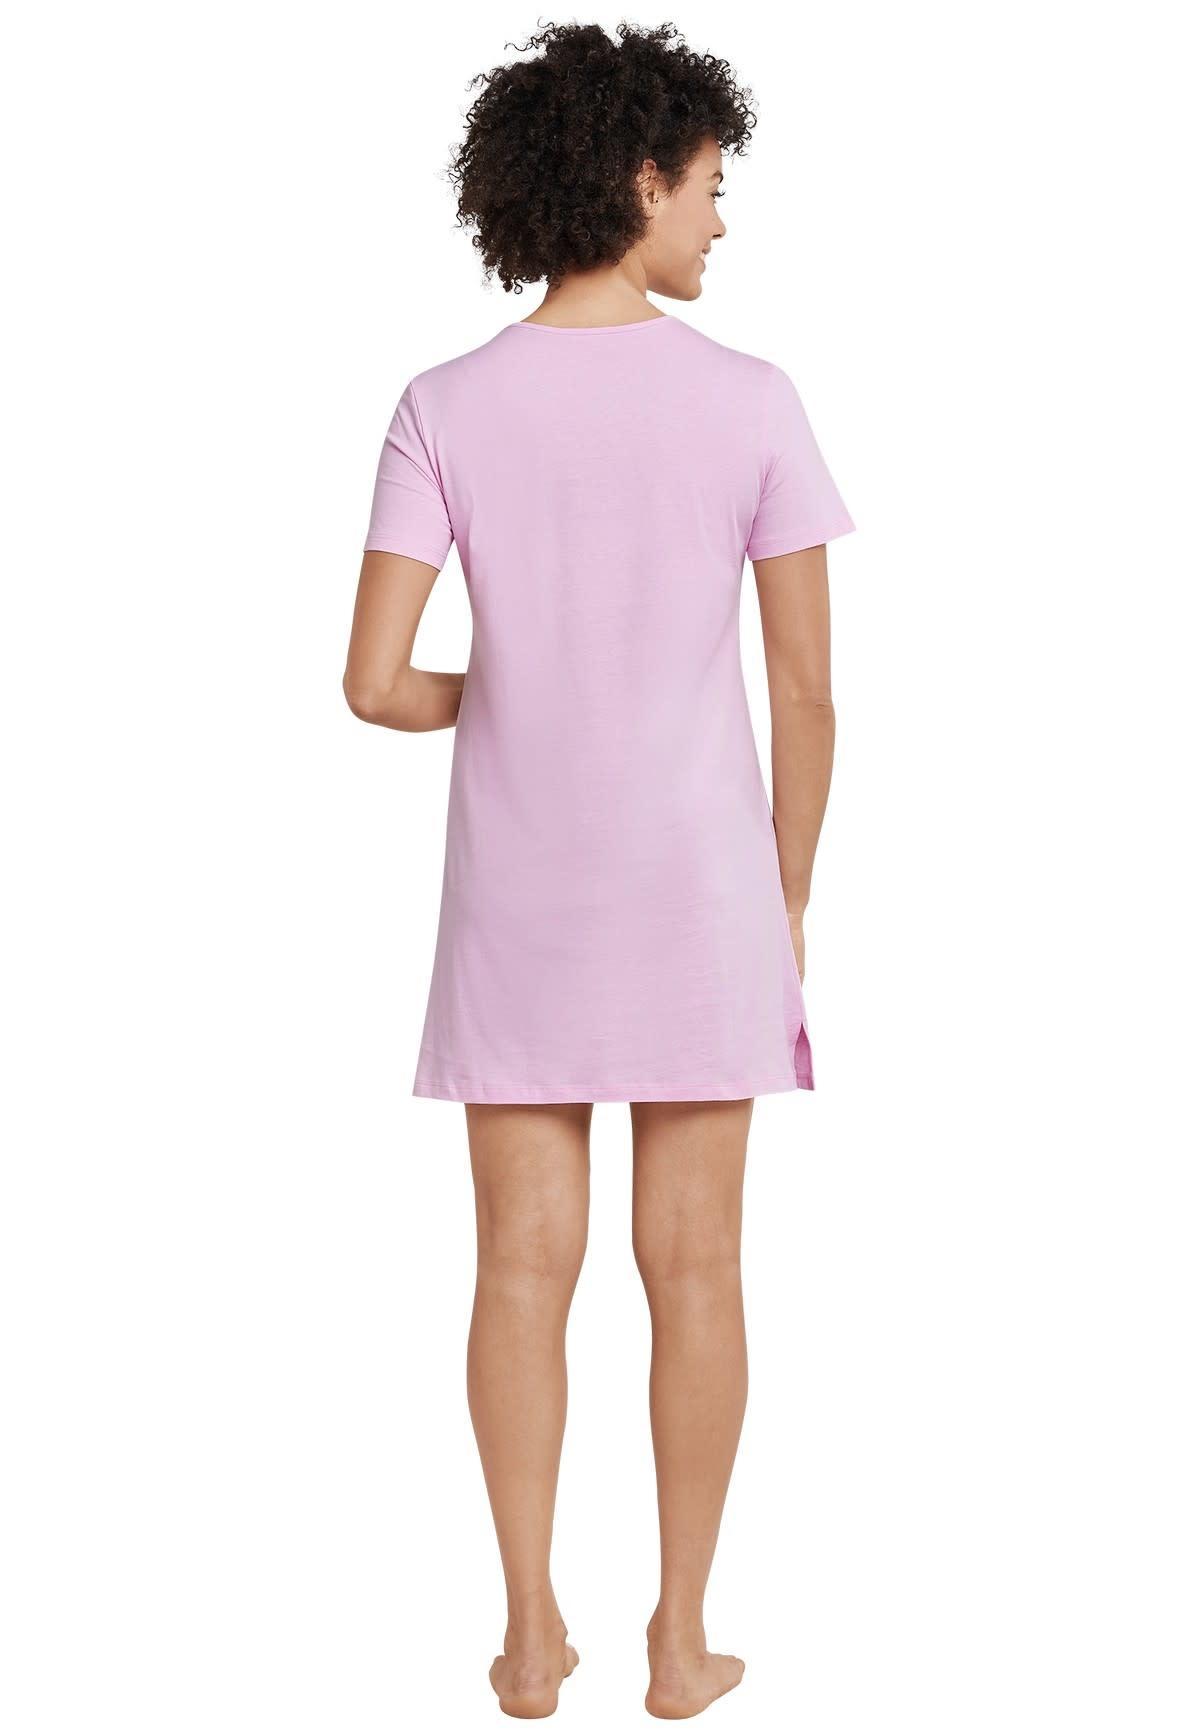 Nachthemd korte mouw 169488 - roze-2